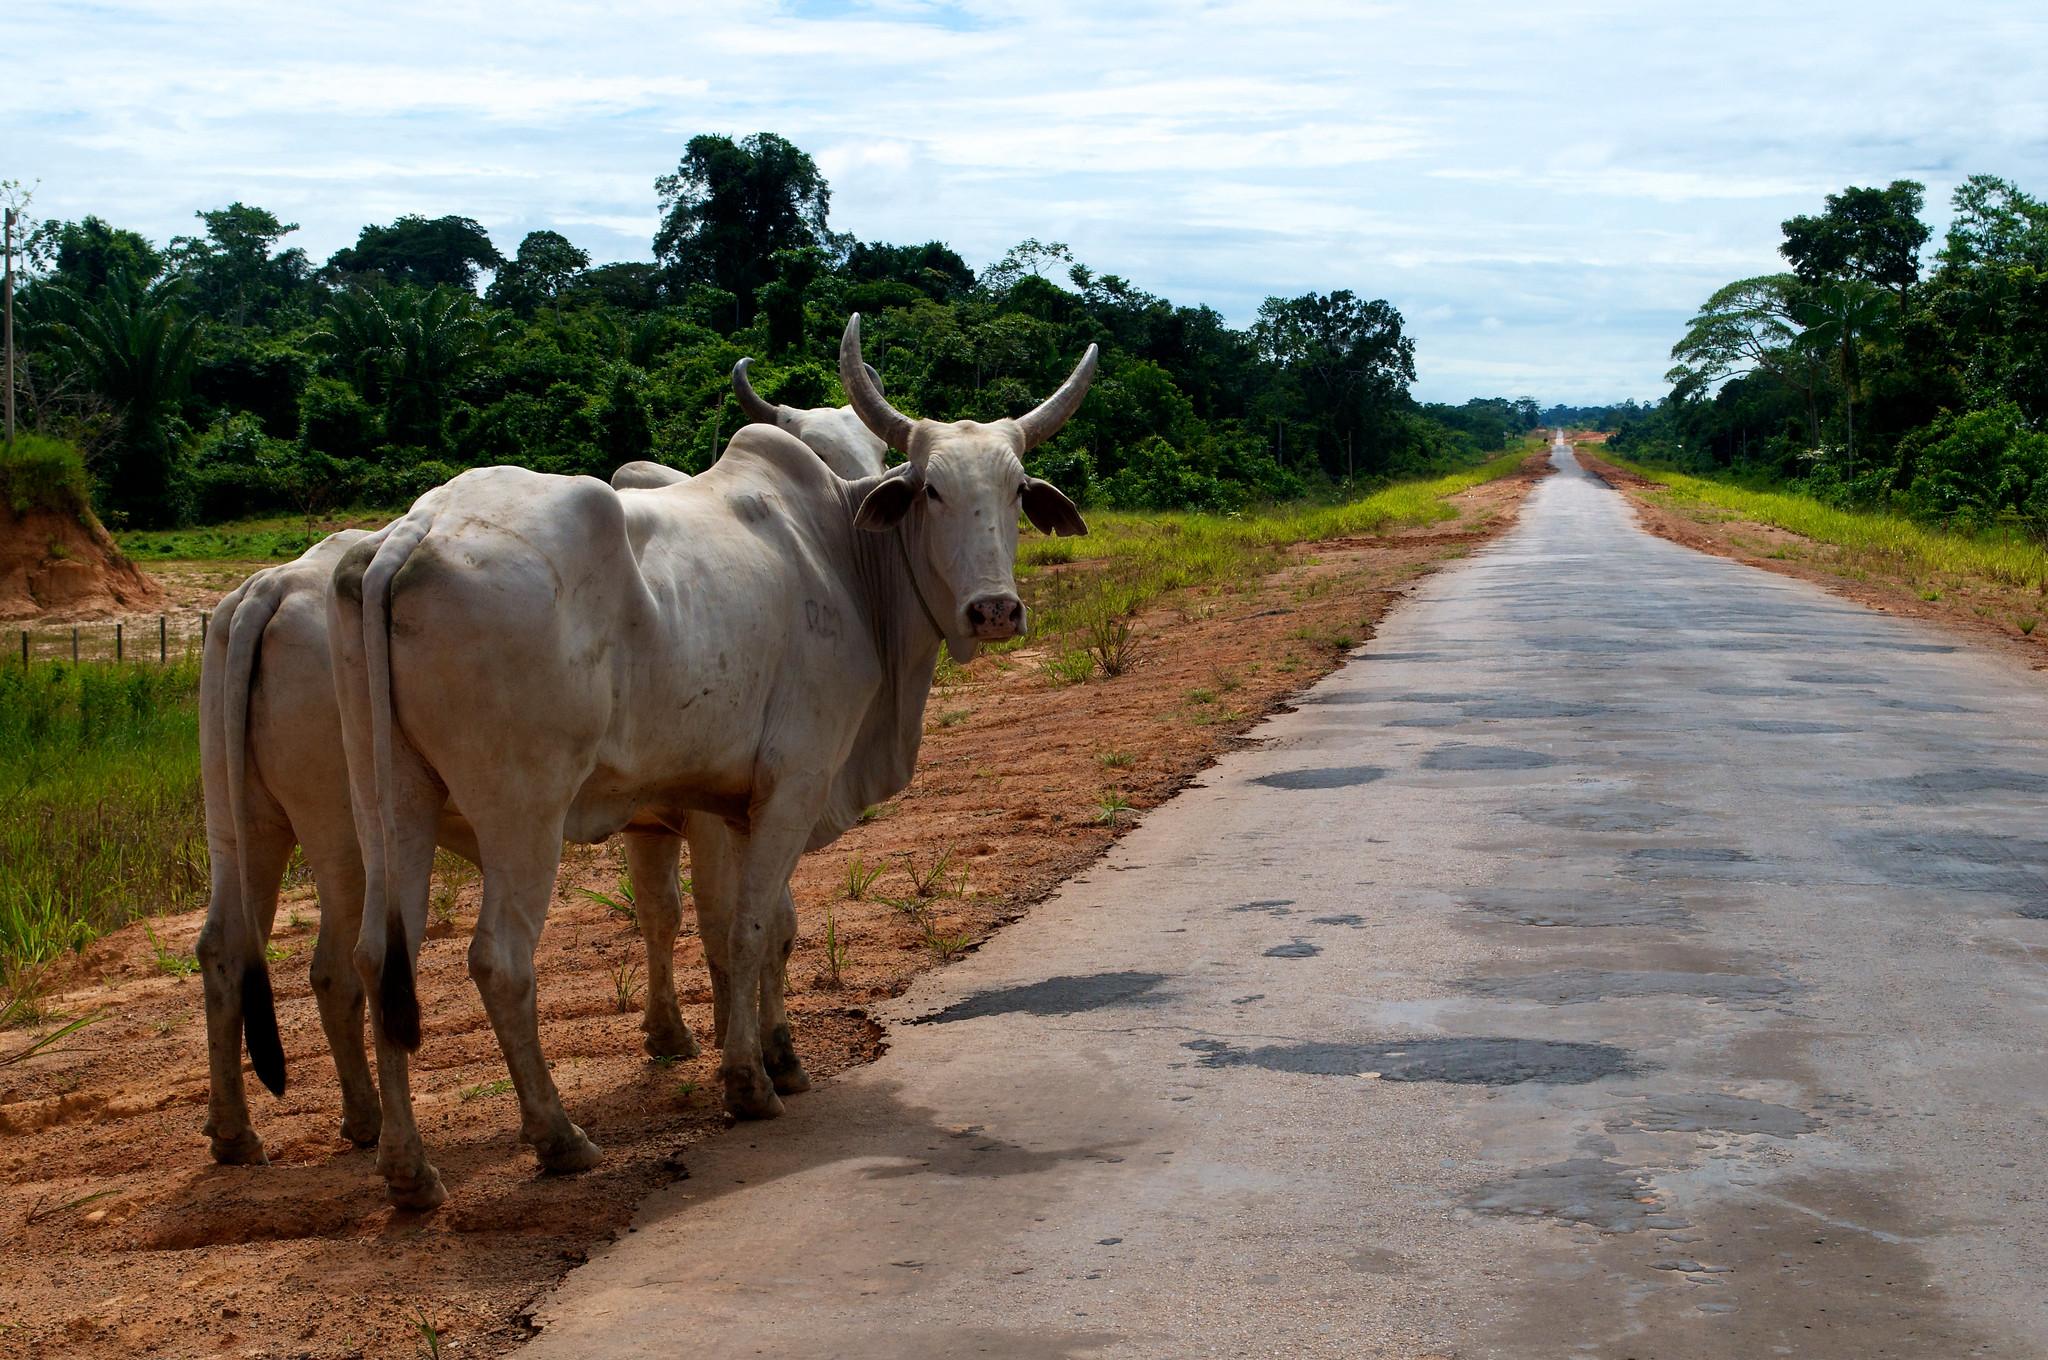 养牛和修路是巴西亚马逊森林砍伐的两大主要驱动力。